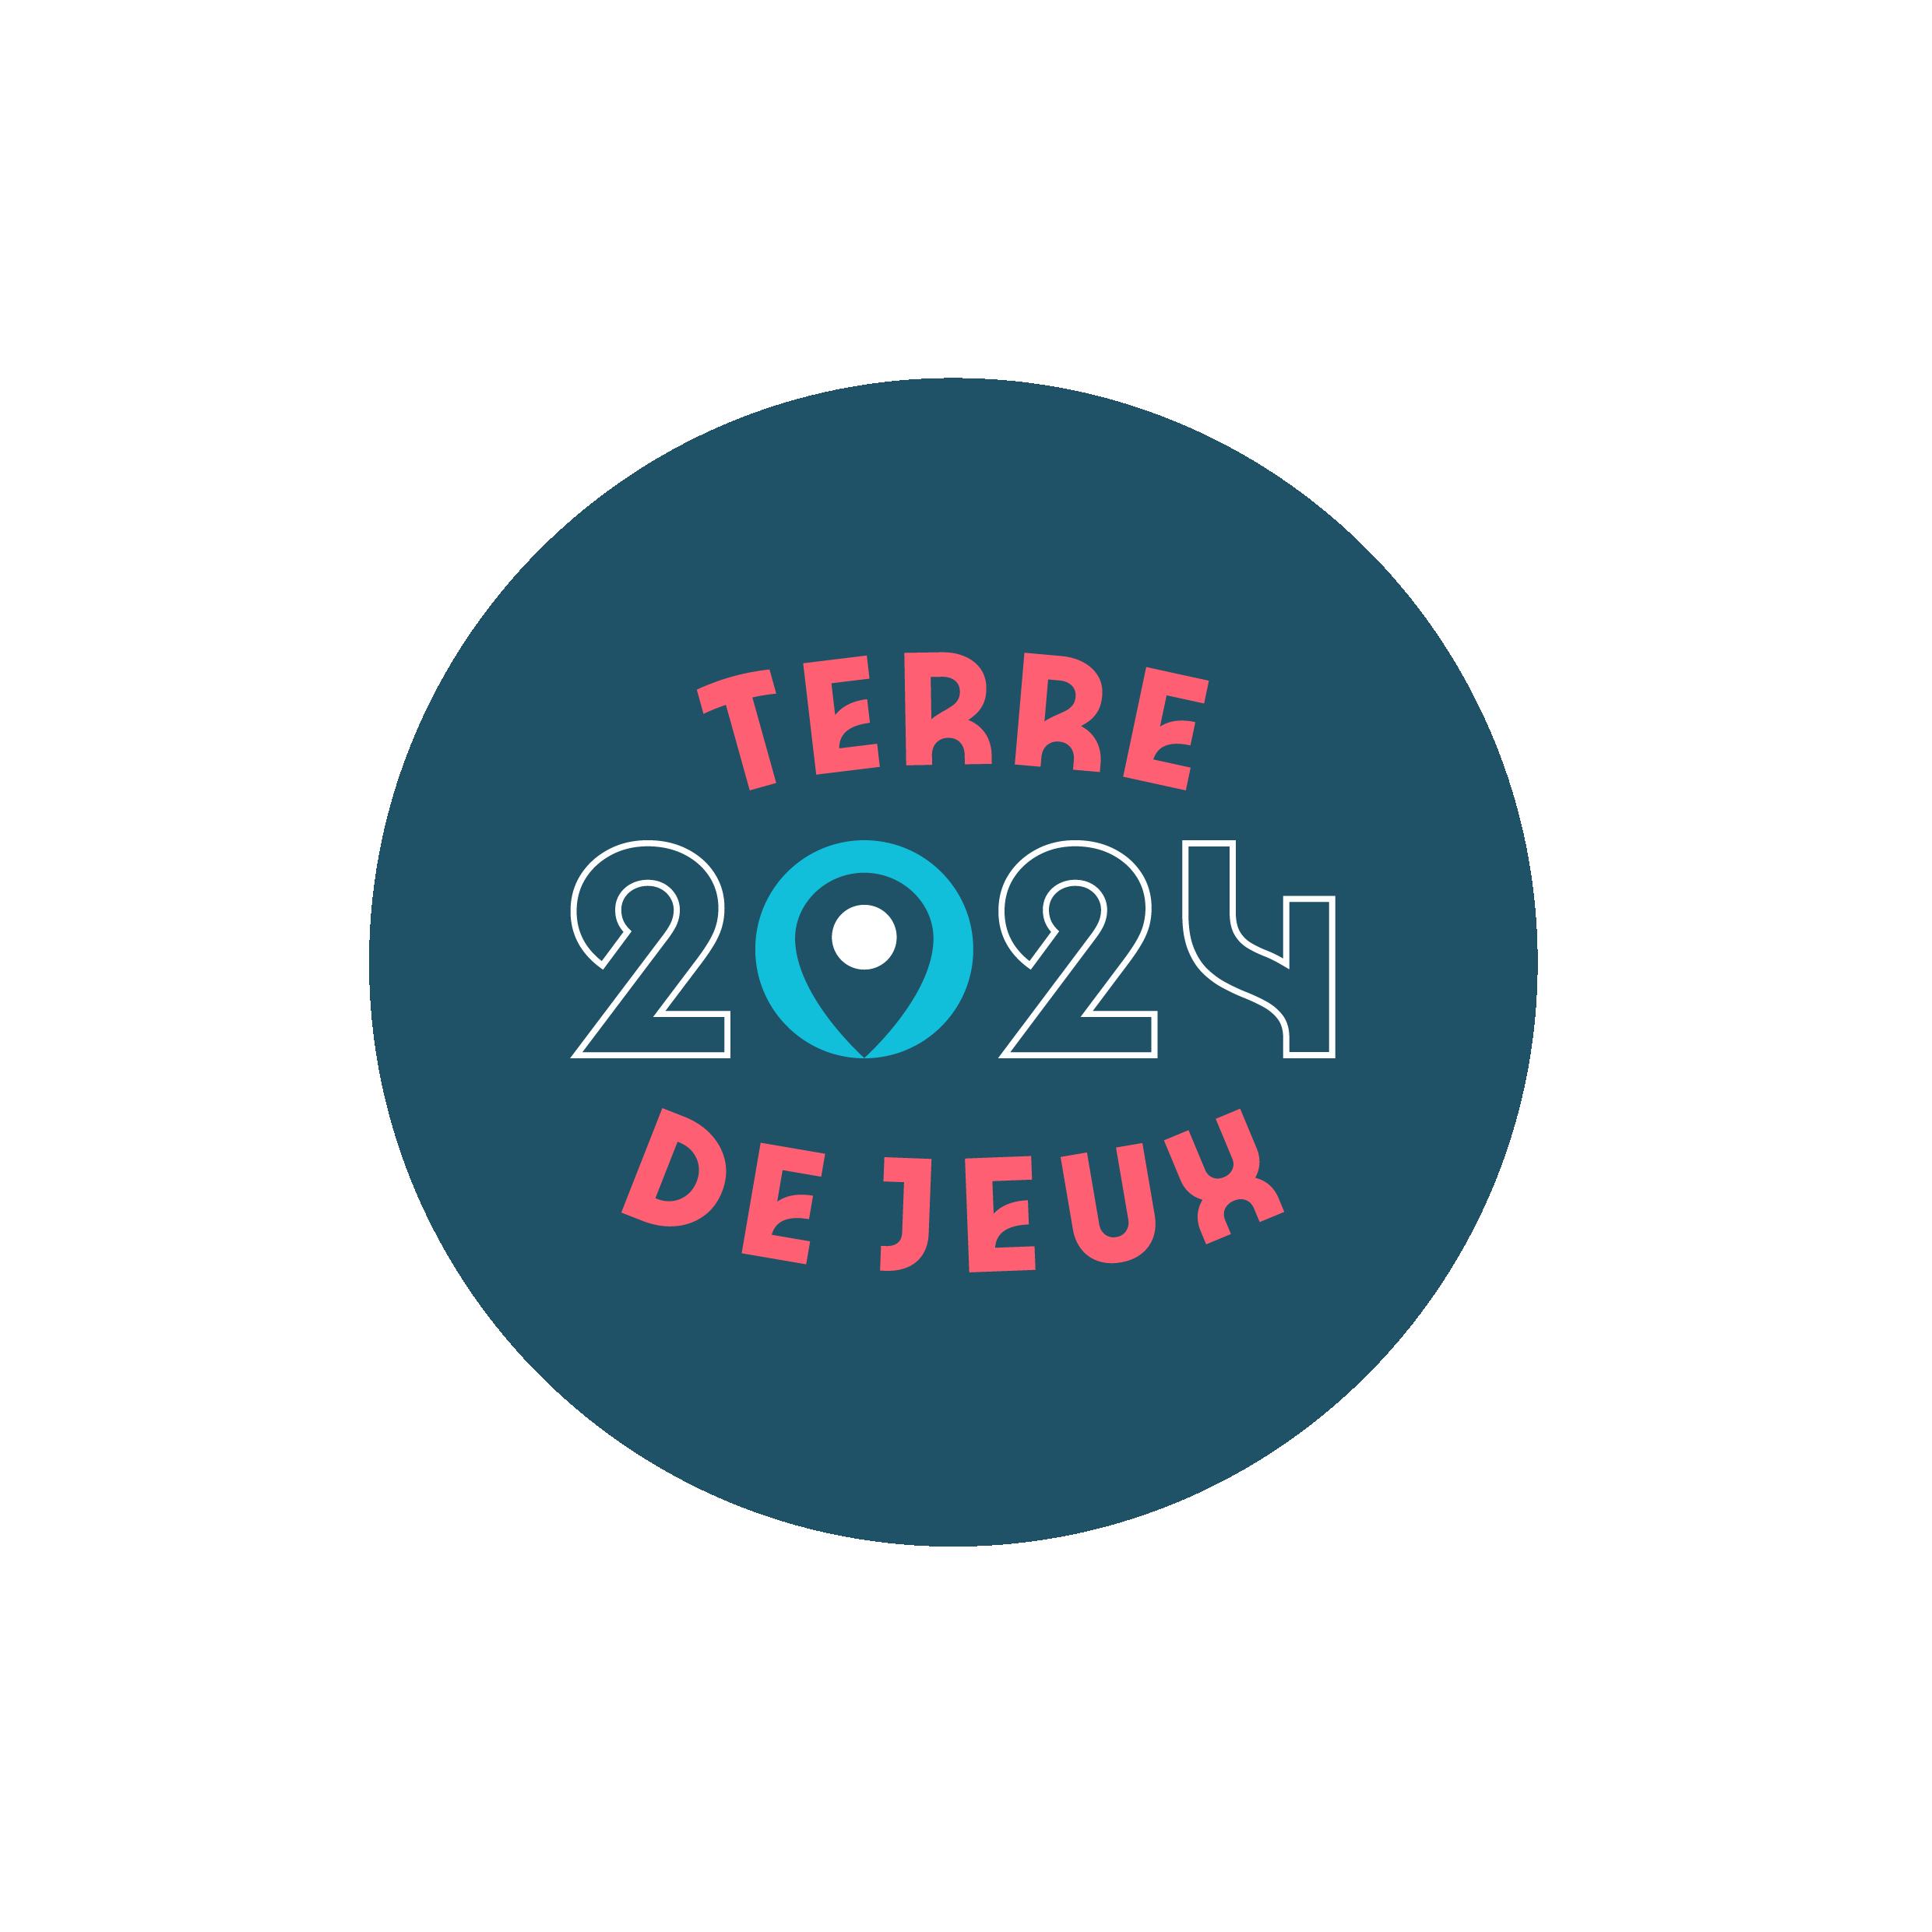 Terre de Jeux 2024 - Logotype - Poly - pod_bleu_fonce - RVB.png